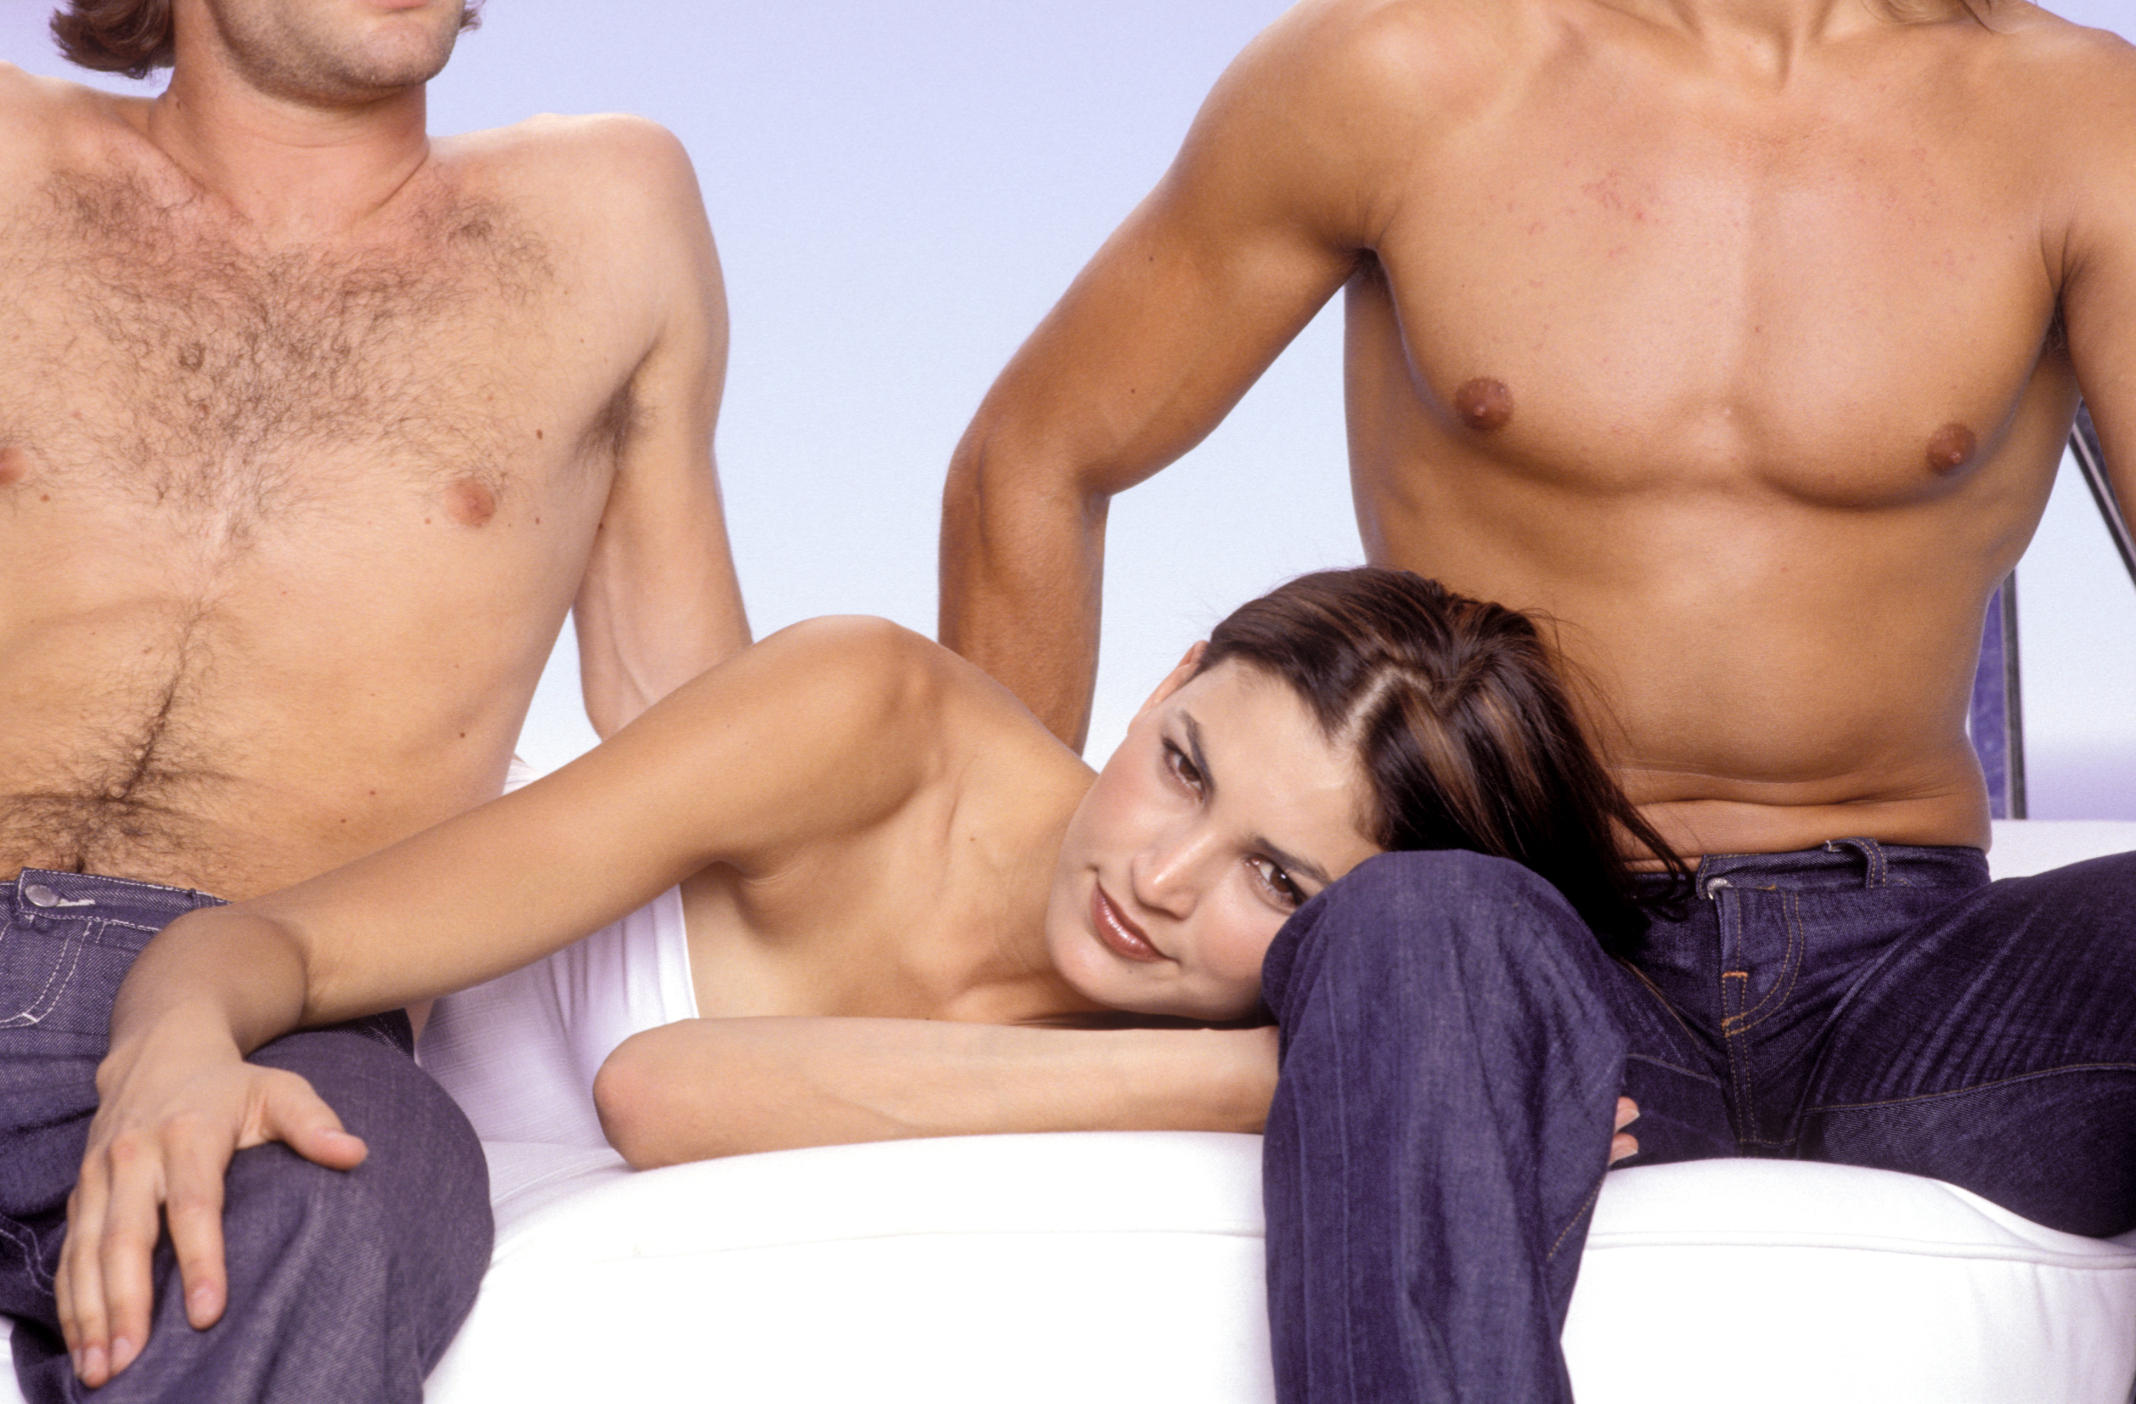 Трио два мужика, гиг порно втроем видео смотреть HD порно бесплатно 2 фотография